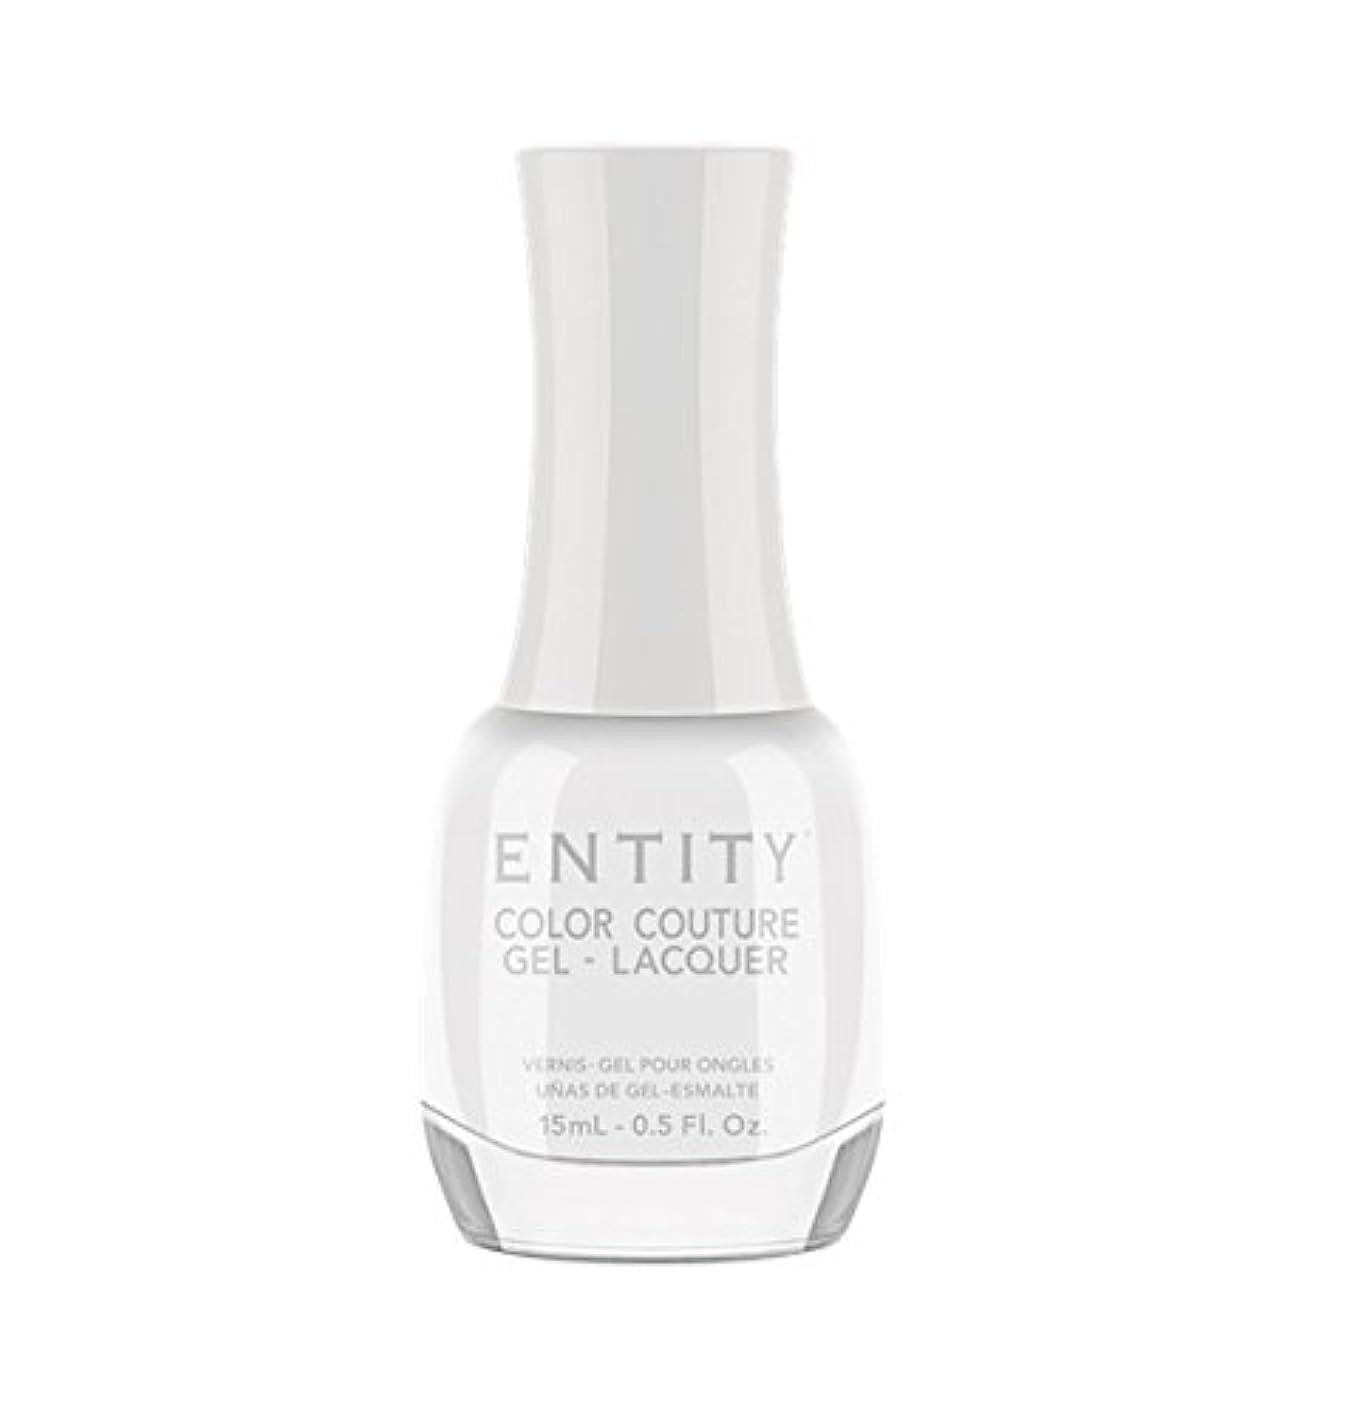 コンパイルみがきます計画Entity Color Couture Gel-Lacquer - White Light - 15 ml/0.5 oz